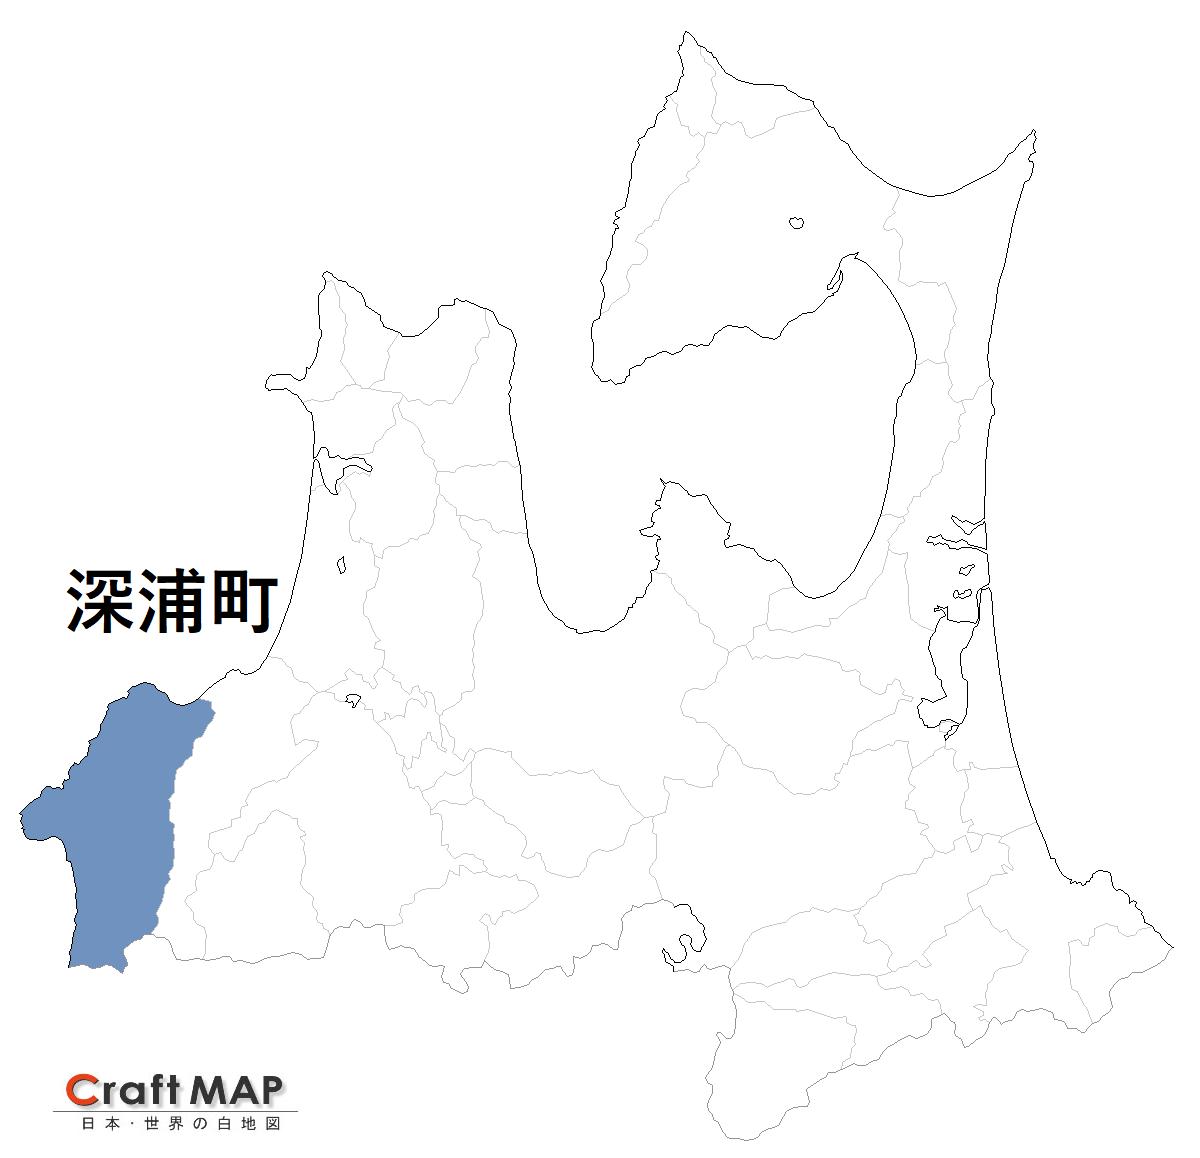 青森県深浦町の位置